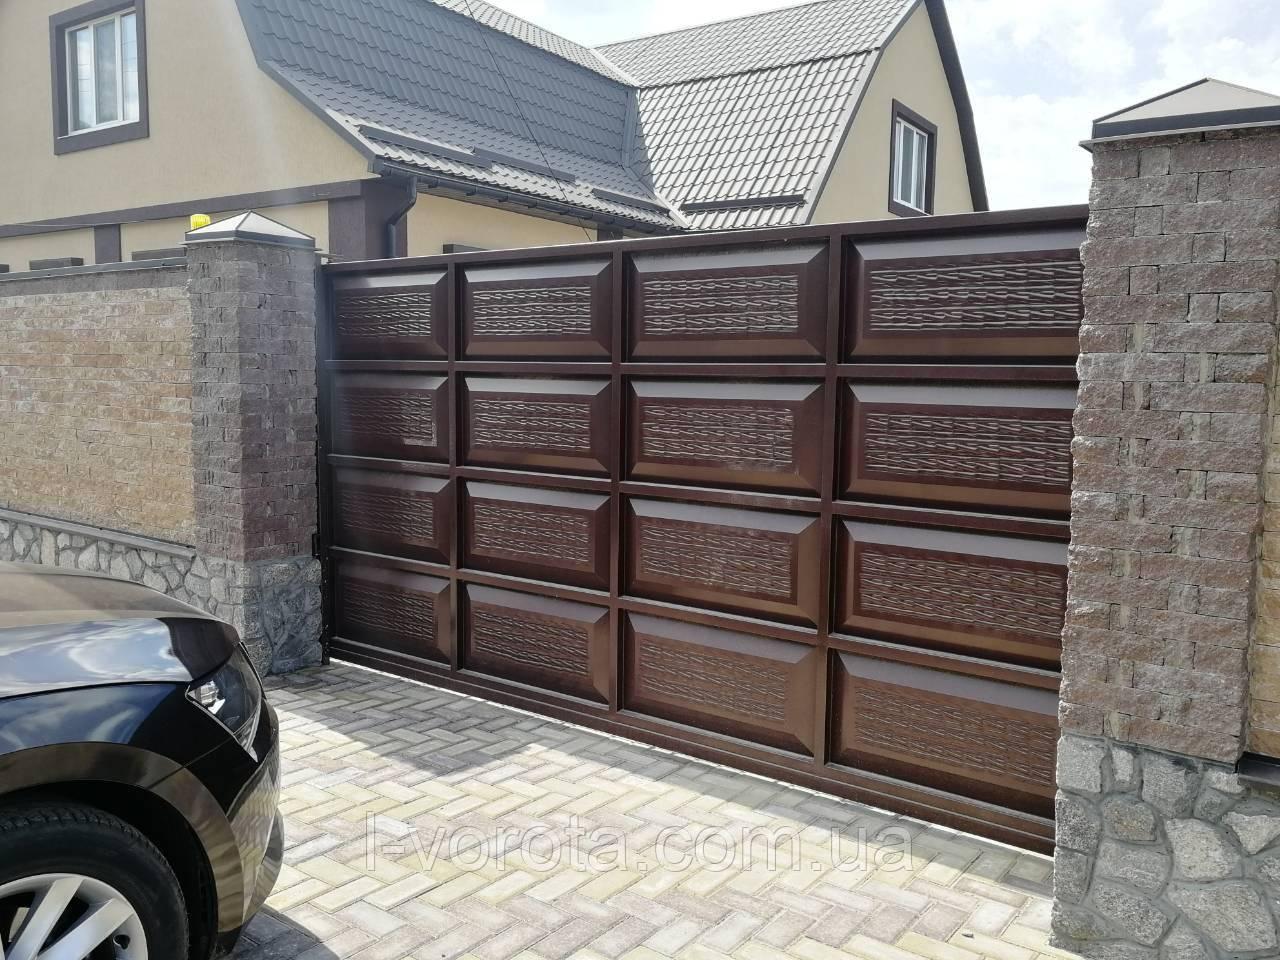 Откатные автоматические ворота ш4000, в2000 и калитка ш1000, в2000(дизайн филенка, шоколадка с эффектом жатки)